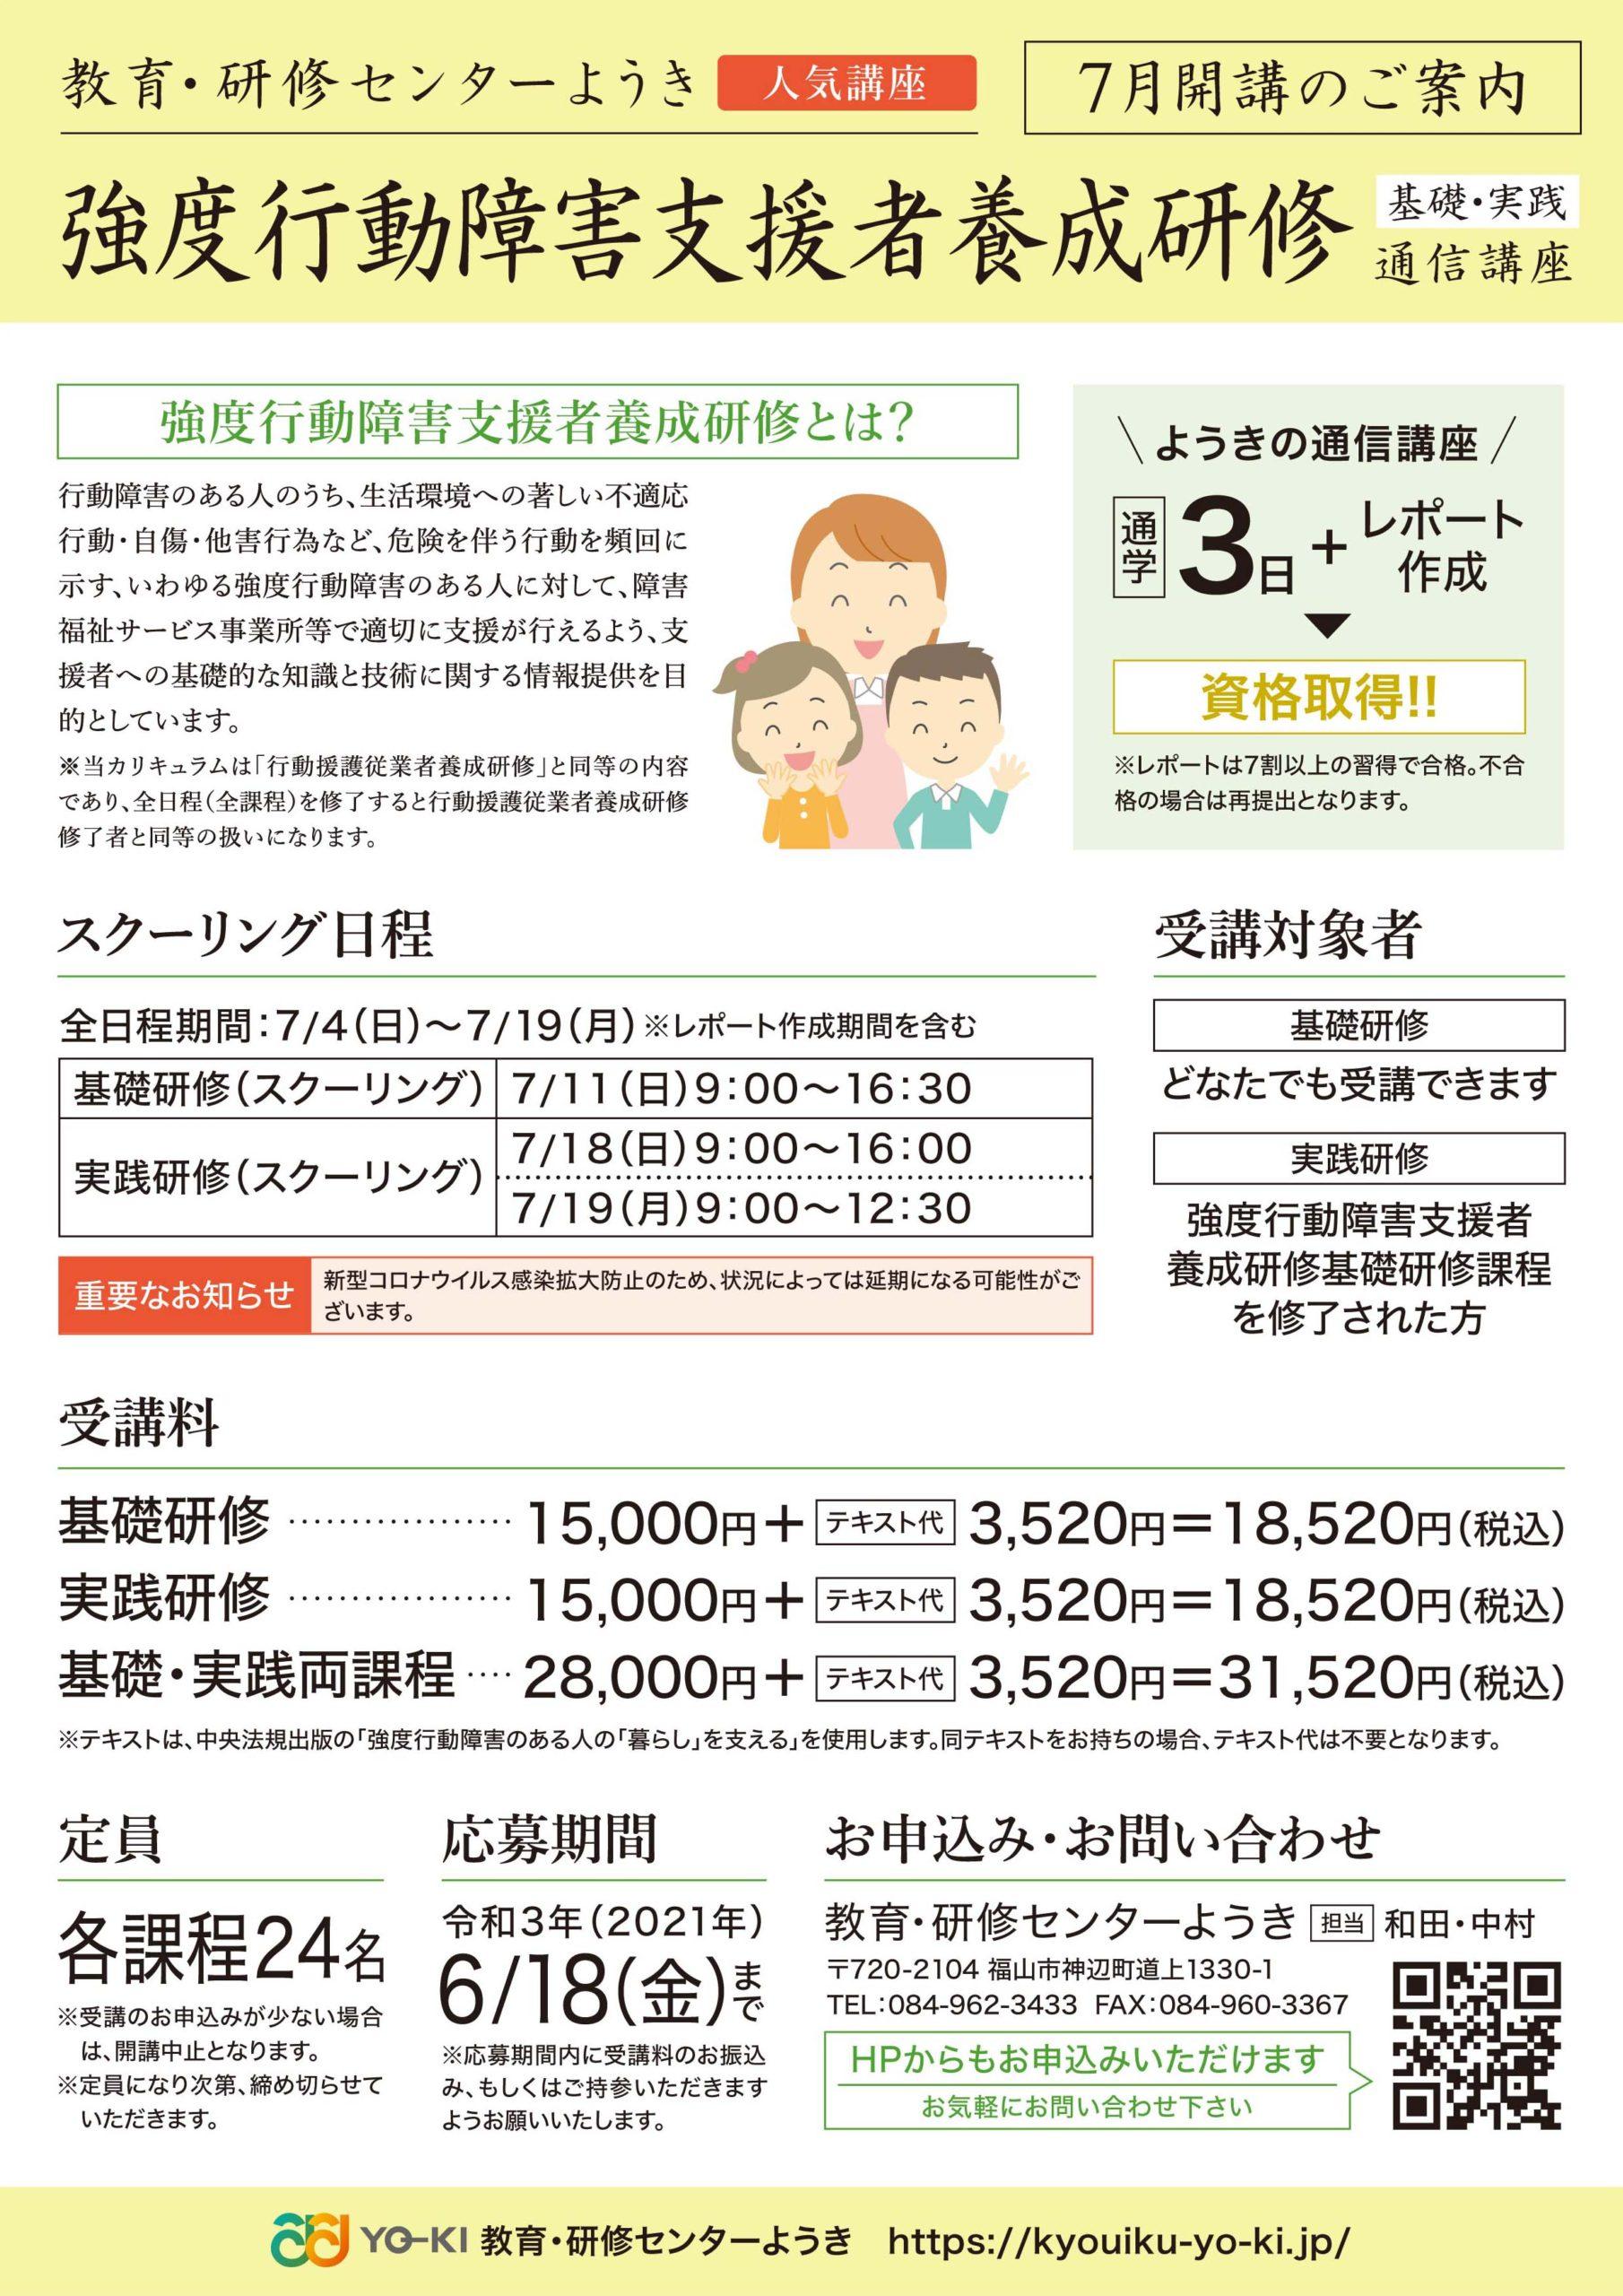 強度行動障害支援者養成研修チラシ(2021-07)通信・通学-オモテ